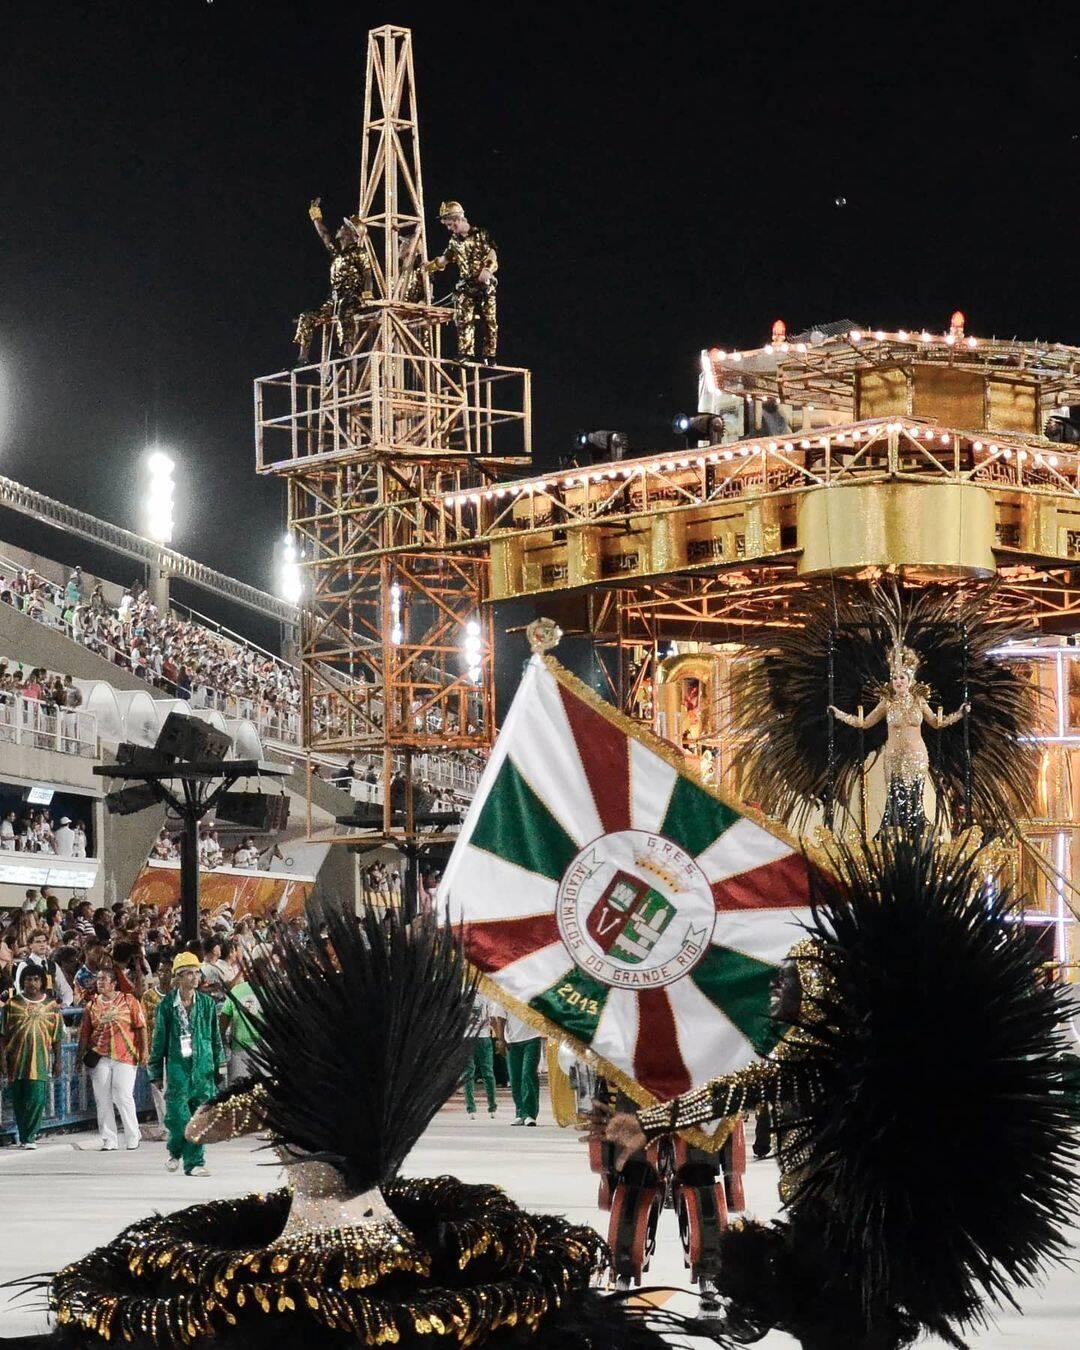 Após um ano sem folia, devido a pandemia do covid-19, o carnaval do próximo ano está garantido. (Foto: Instagram)